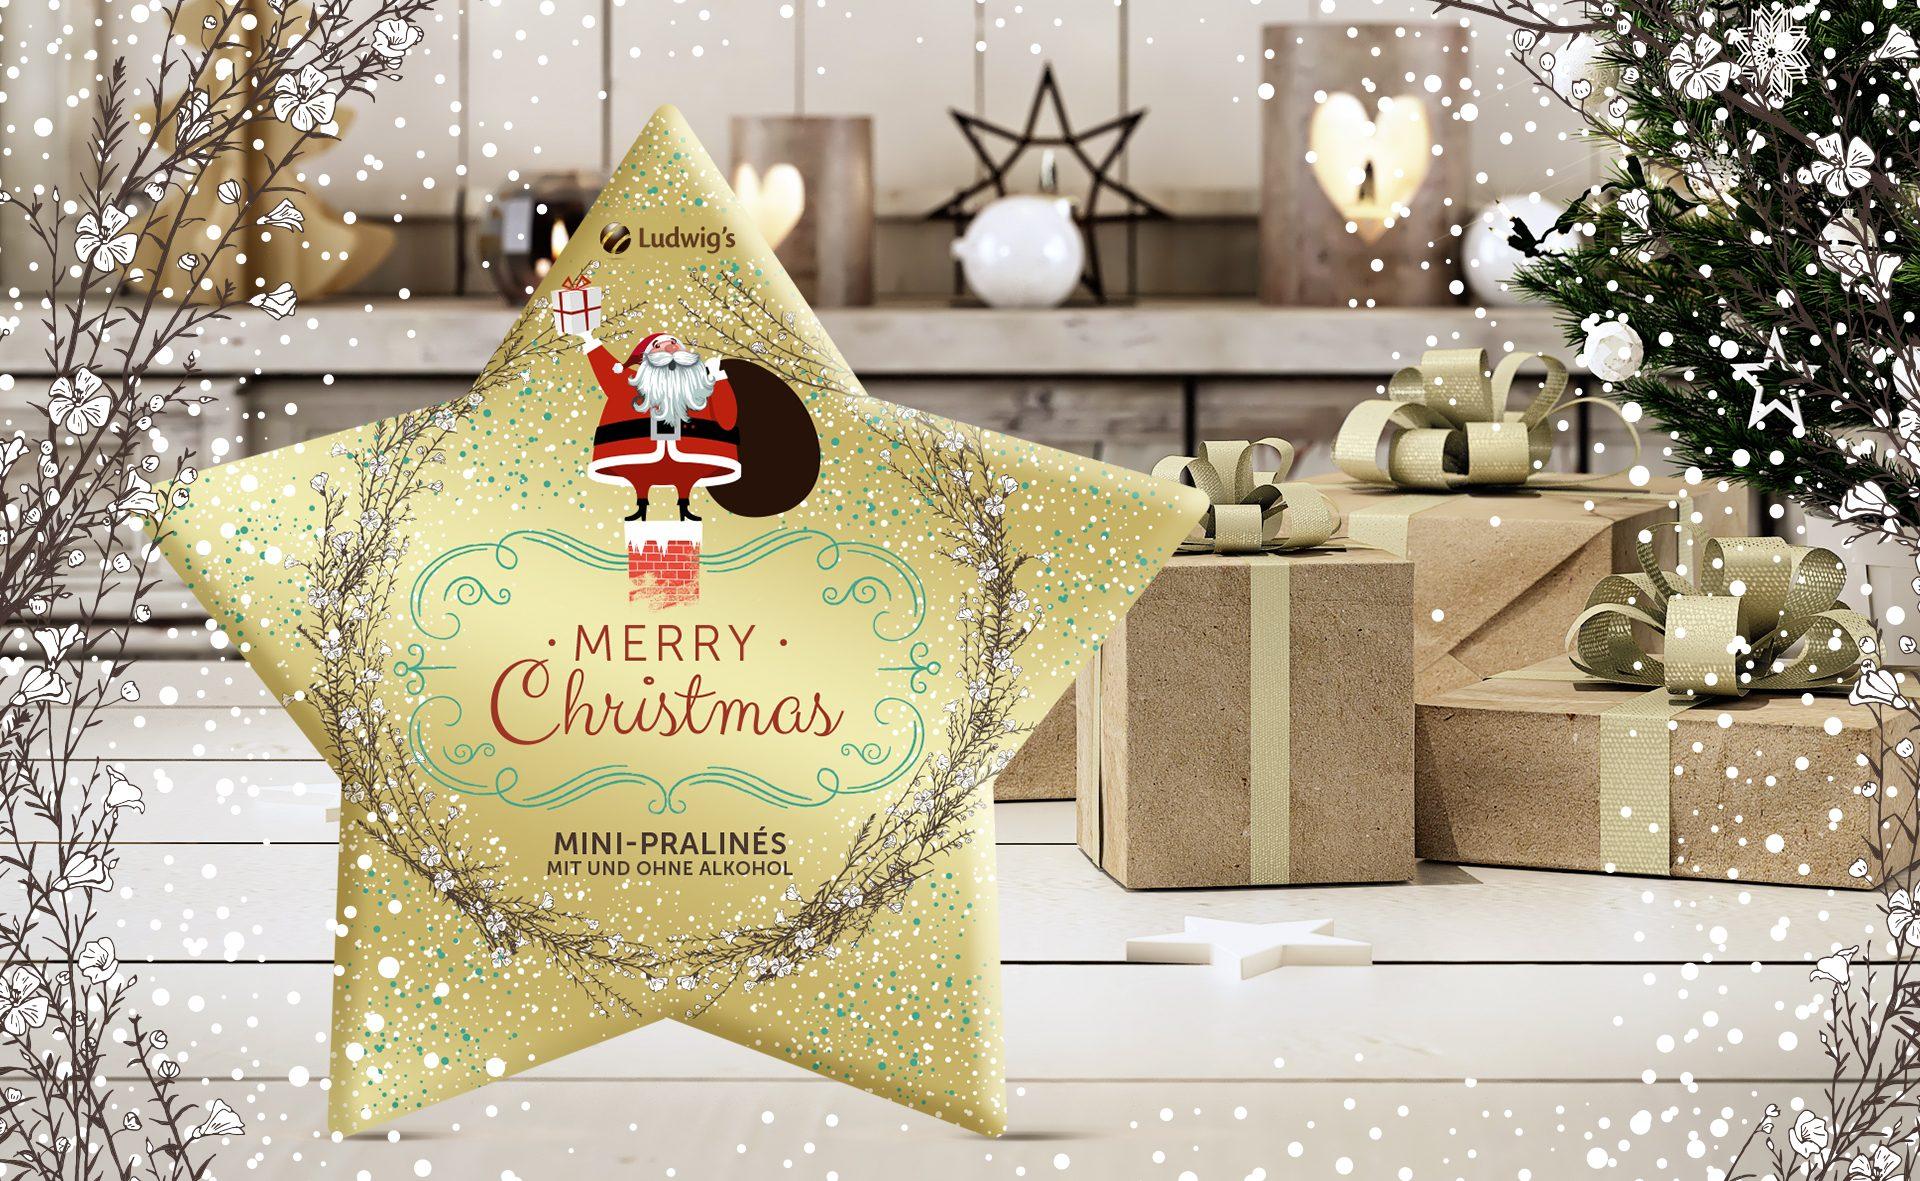 Verpackungsdesign Malvega - Referenz: Mini Pralinen Weihnachten, Ludwig's